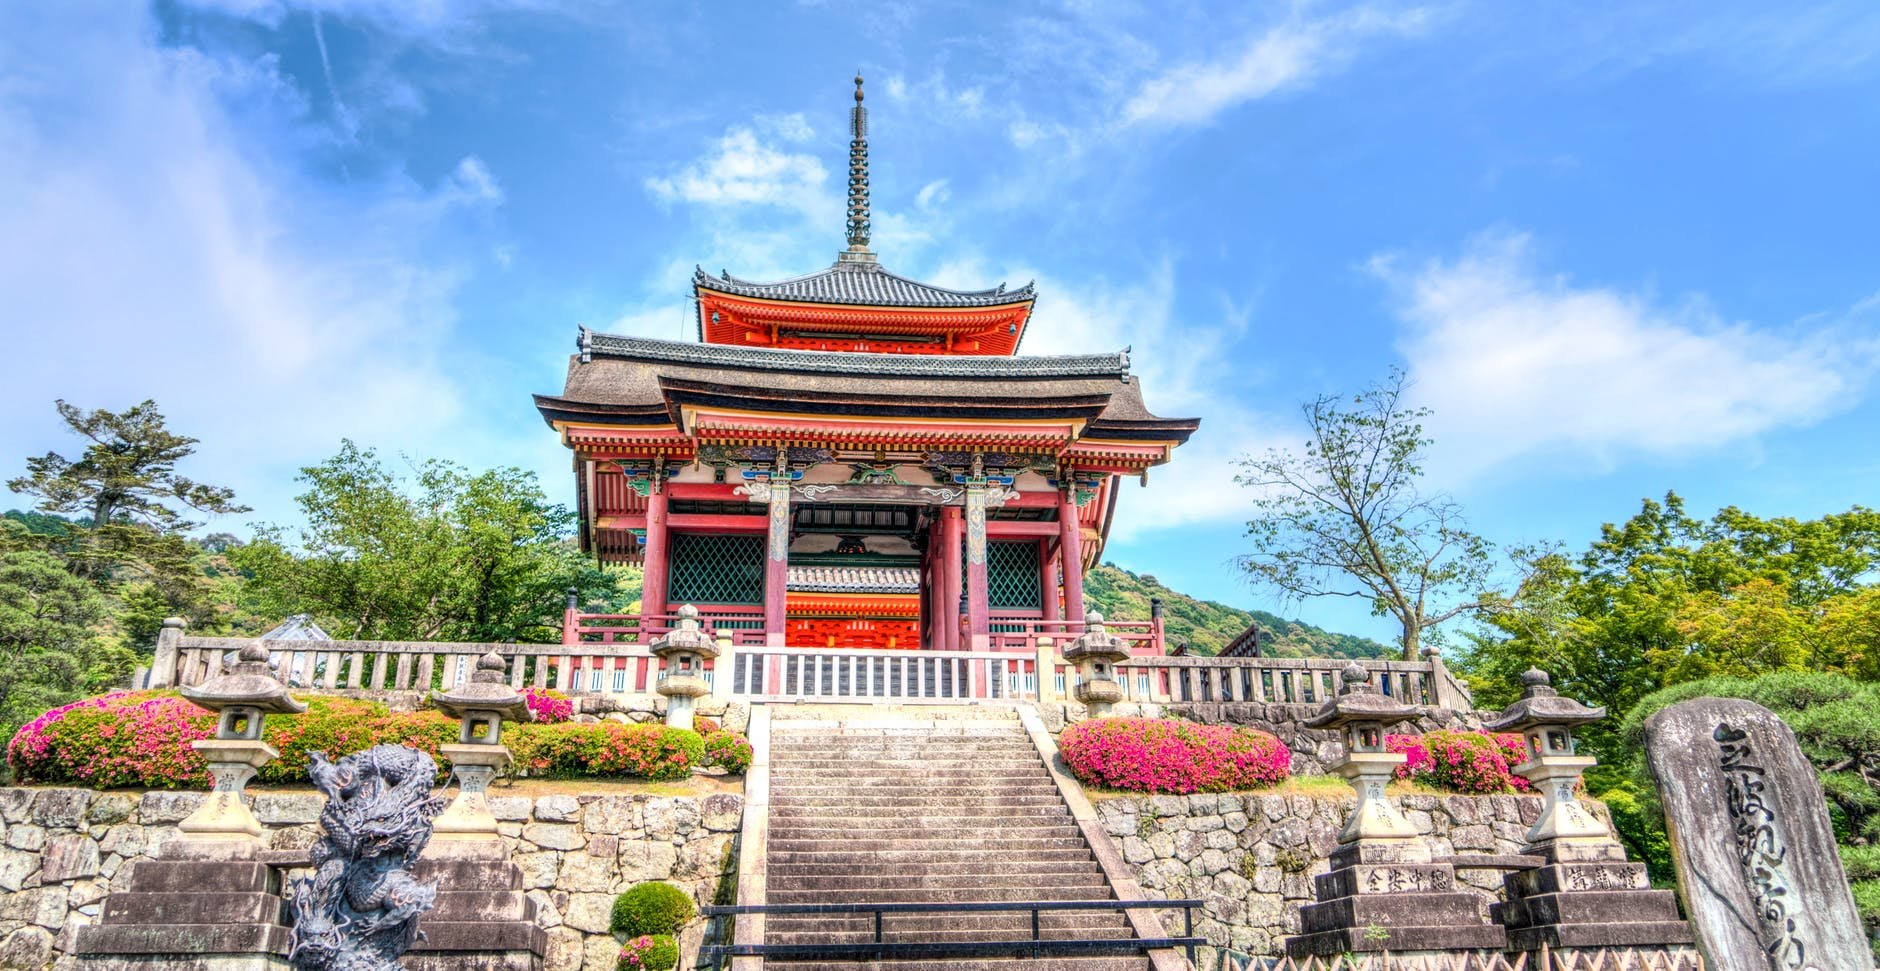 senso-ji-kyoto-japan-temple-161164